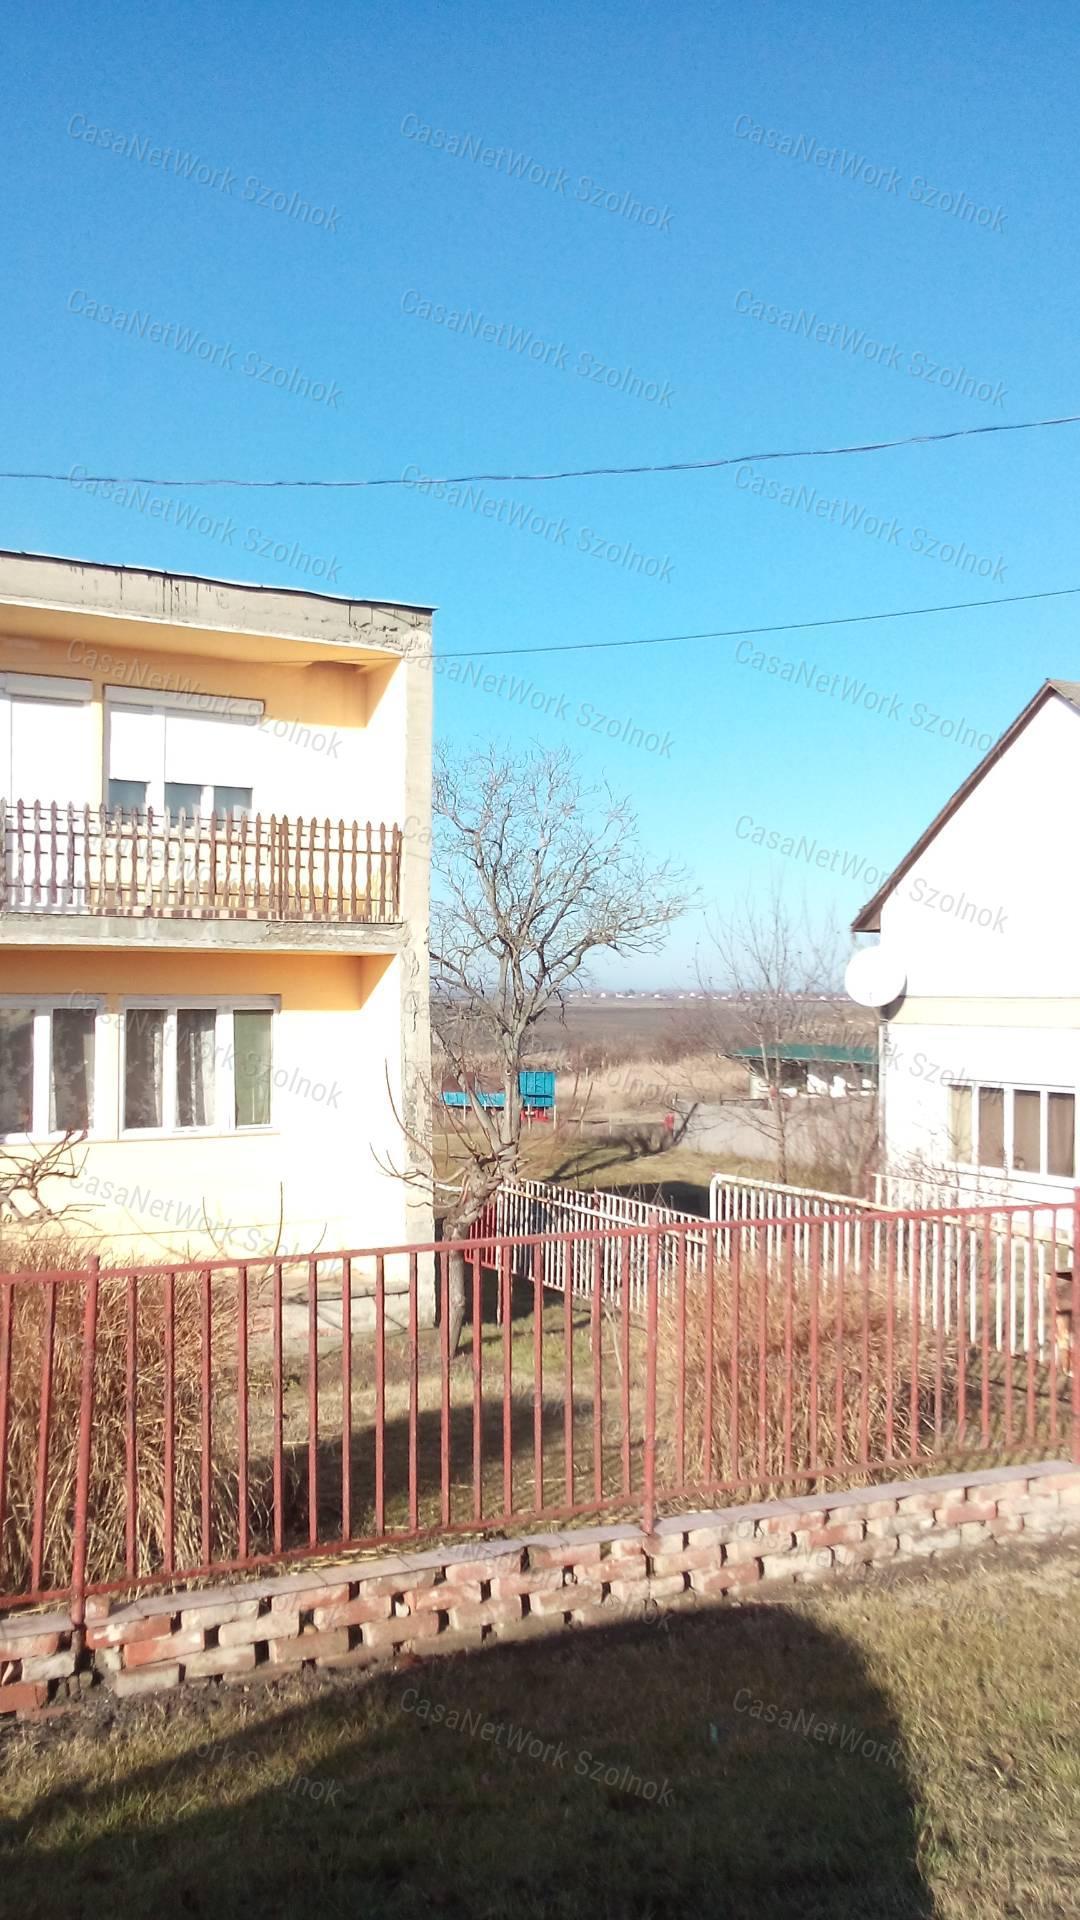 Eladó családi ház, Jász-Nagykun-Szolnok megye, Tiszaföldvár - sz.: 155802510 - CasaNetWork.hu